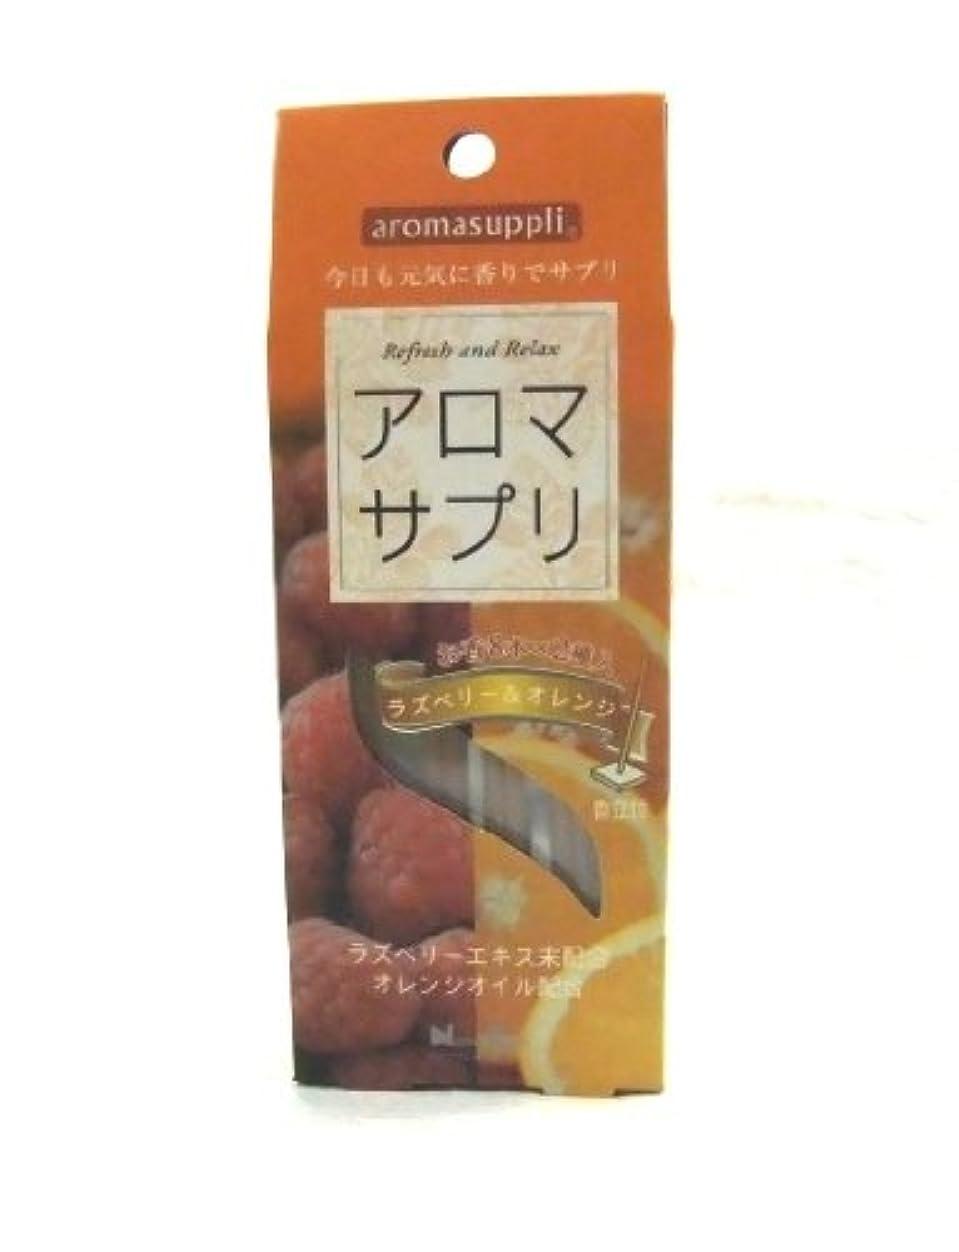 まで時代遅れガイドラインお香 アロマサプリ<ラズベリー&オレンジ> 2種類の香り× 各8本入 香立付